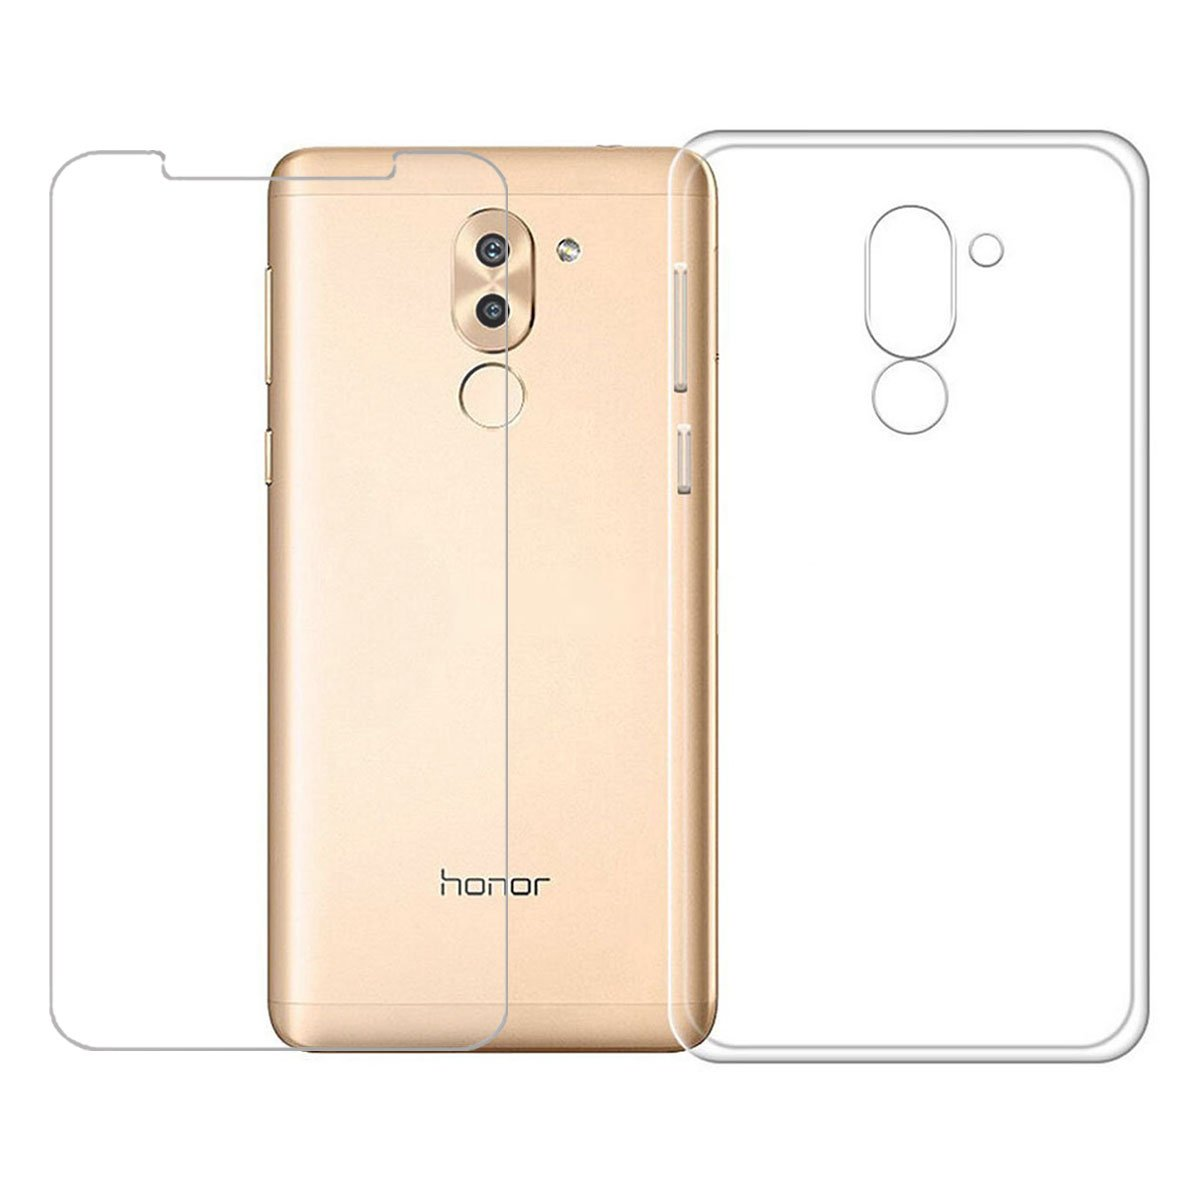 Custodia per Huawei Mate 9 Lite / Honor 6X , IJIA Trasparente TPU Silicone Morbido Protettivo Coperchio Skin Custodia Bumper Protettiva Case Cover per Huawei Mate 9 Lite / Honor 6X (5.5') + un foglio Pellicola protettiva in vetro temperato